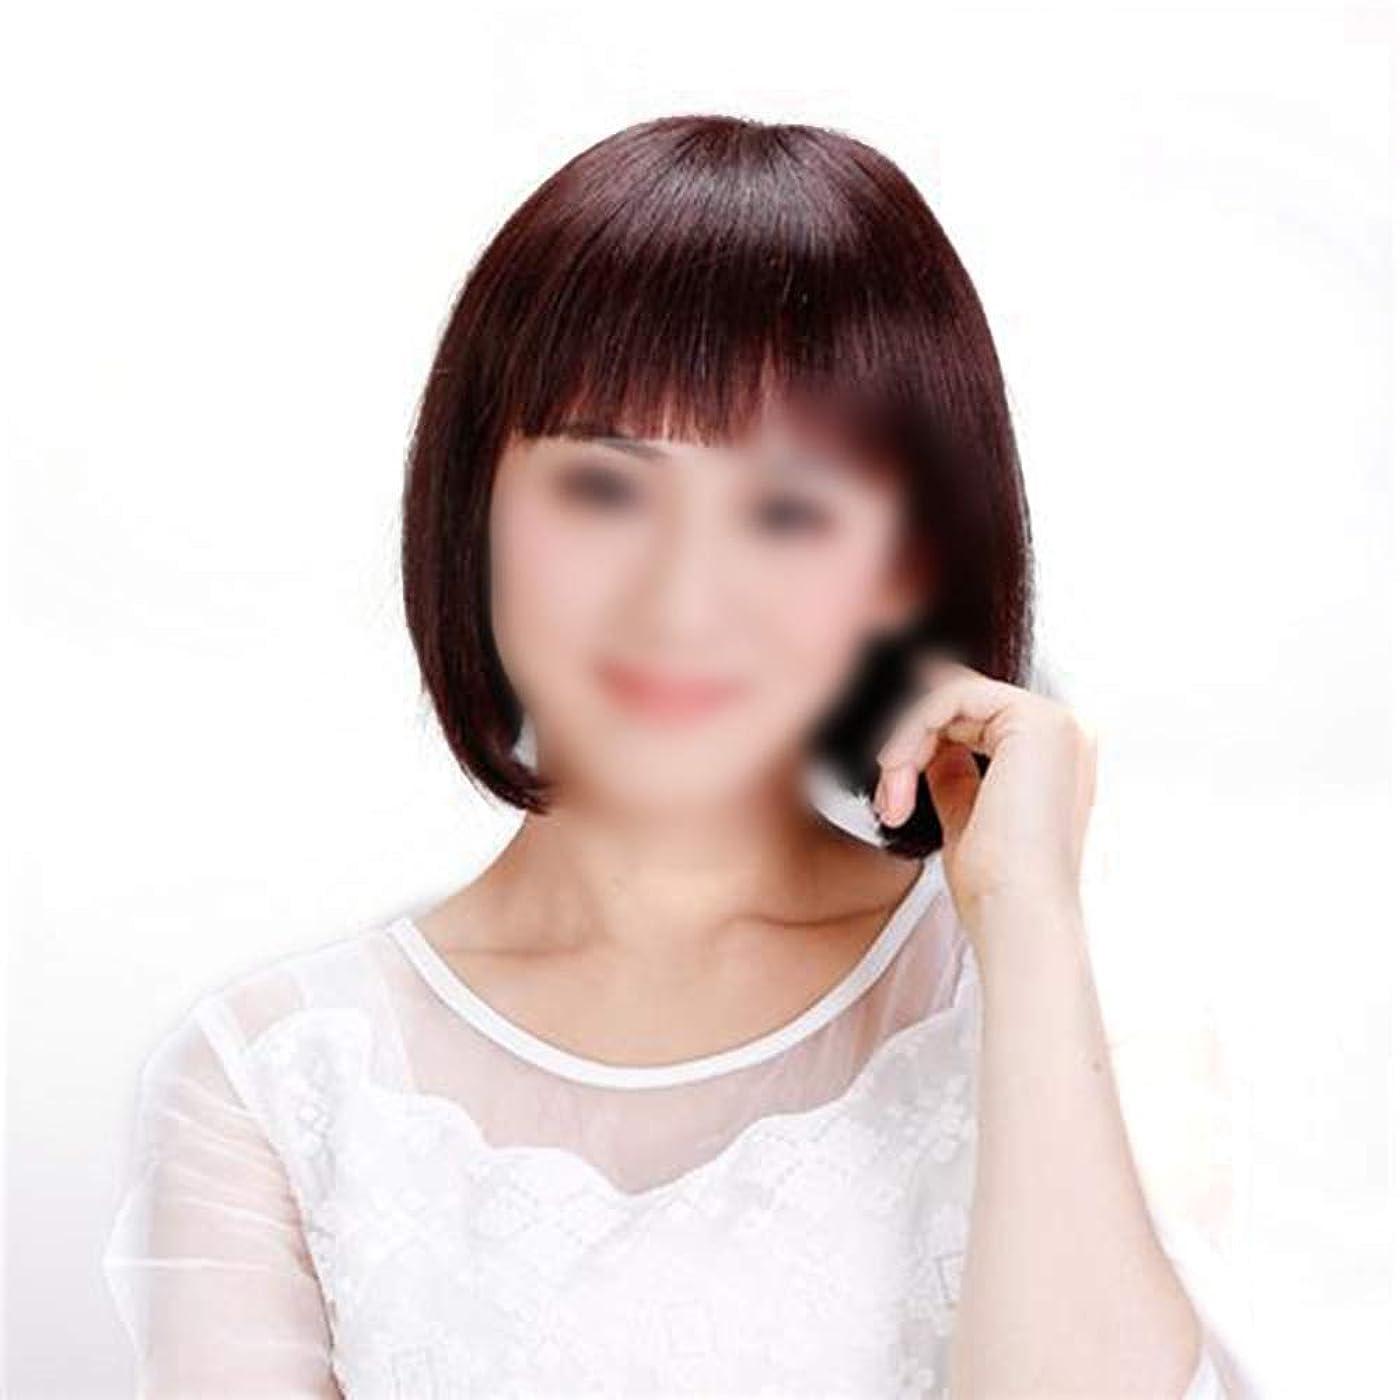 インデックスオーナープログラムYAHONGOE 前髪のかつらと甘いボブショートストレートヘアリアルヘアリアルウィッグファッションウィッグ (色 : Natural black)